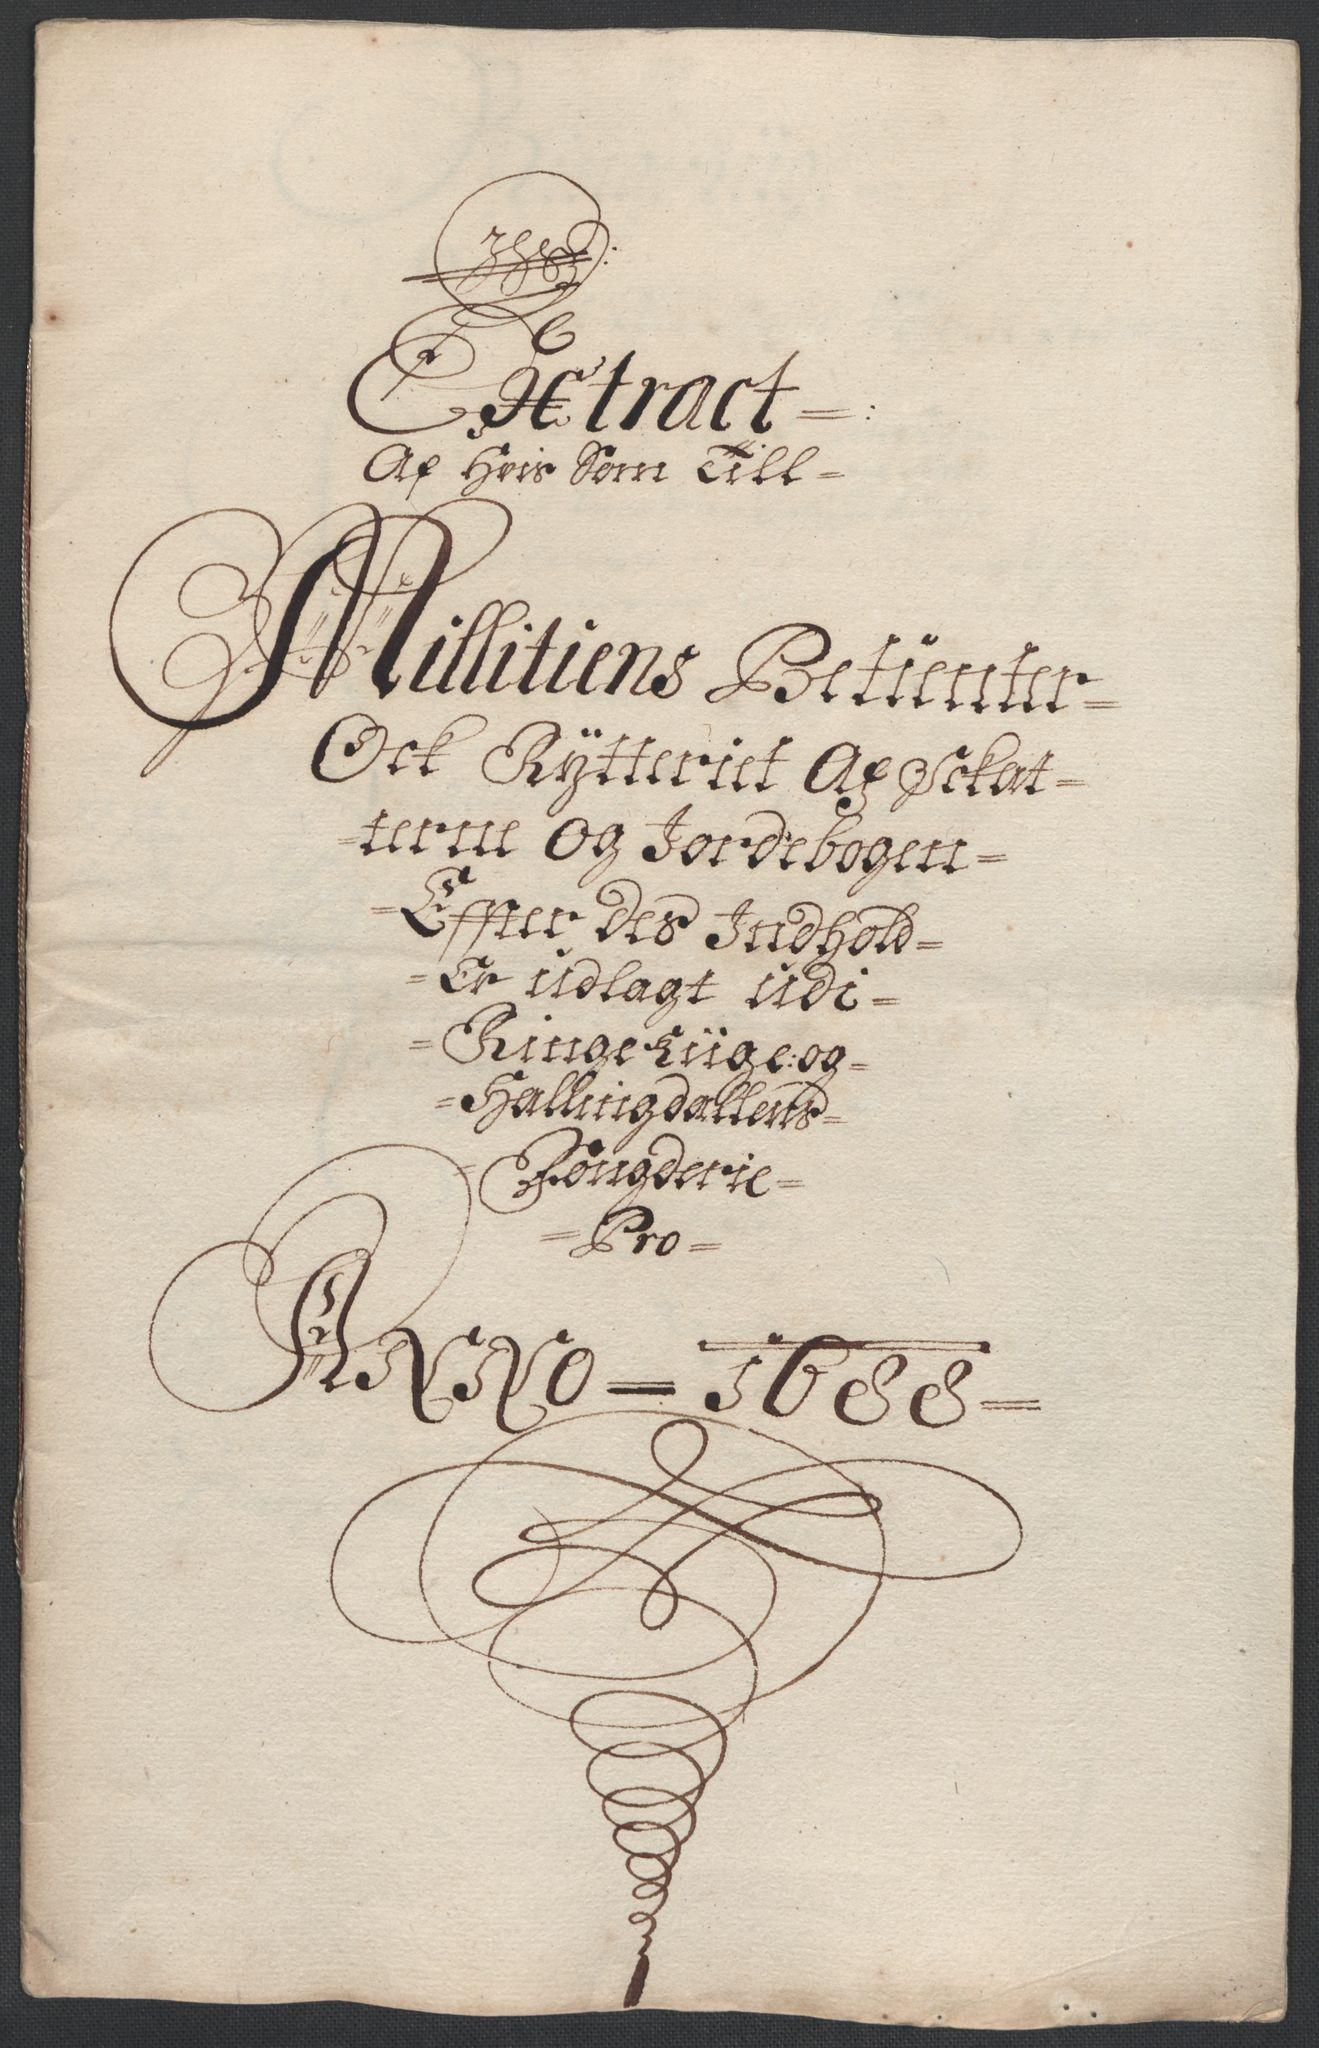 RA, Rentekammeret inntil 1814, Reviderte regnskaper, Fogderegnskap, R21/L1447: Fogderegnskap Ringerike og Hallingdal, 1687-1689, s. 243